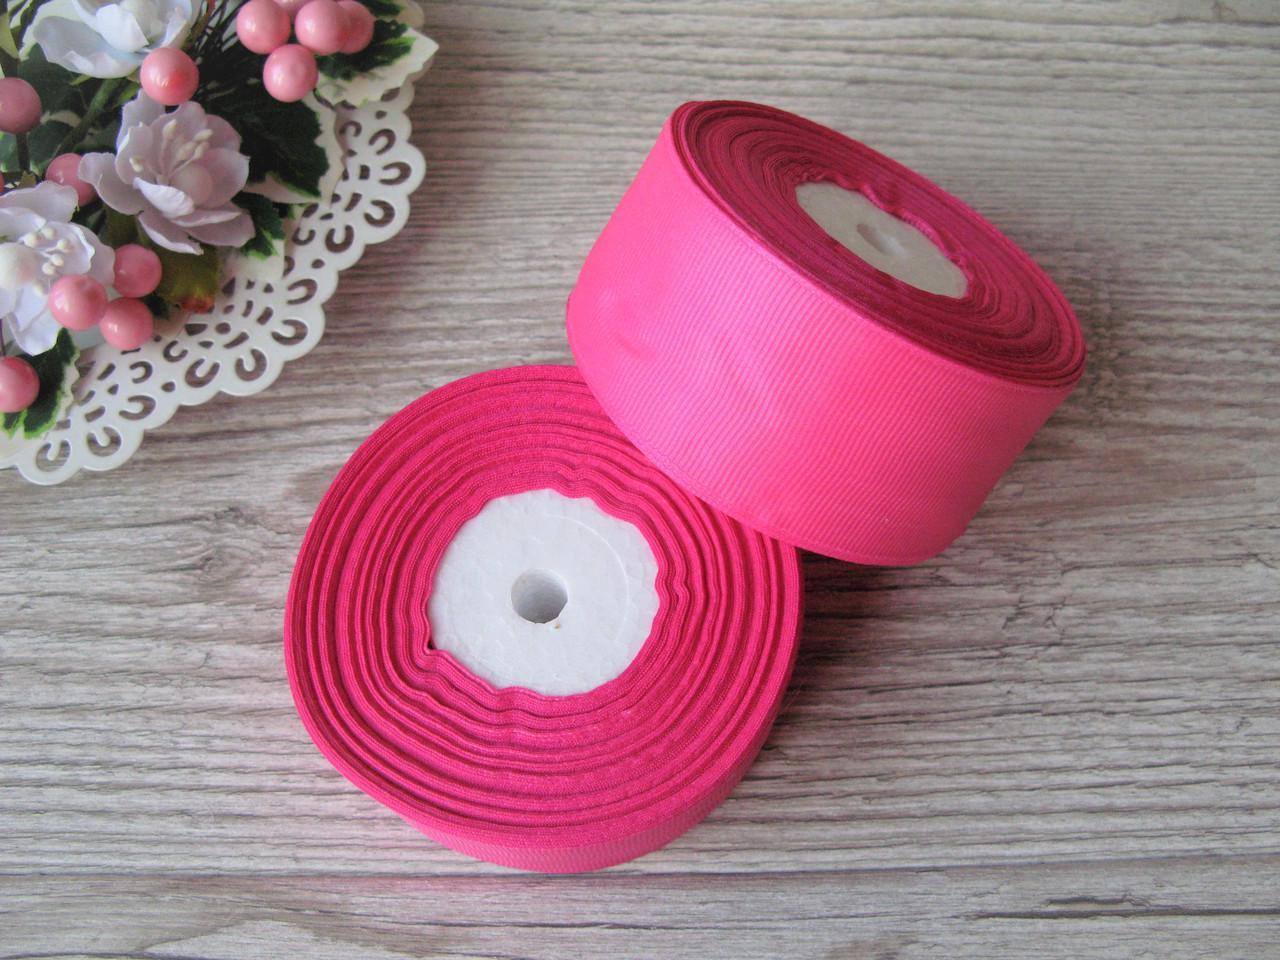 Лента репсовая 4 см темно-розовый, бобина 18 м - 51 грн